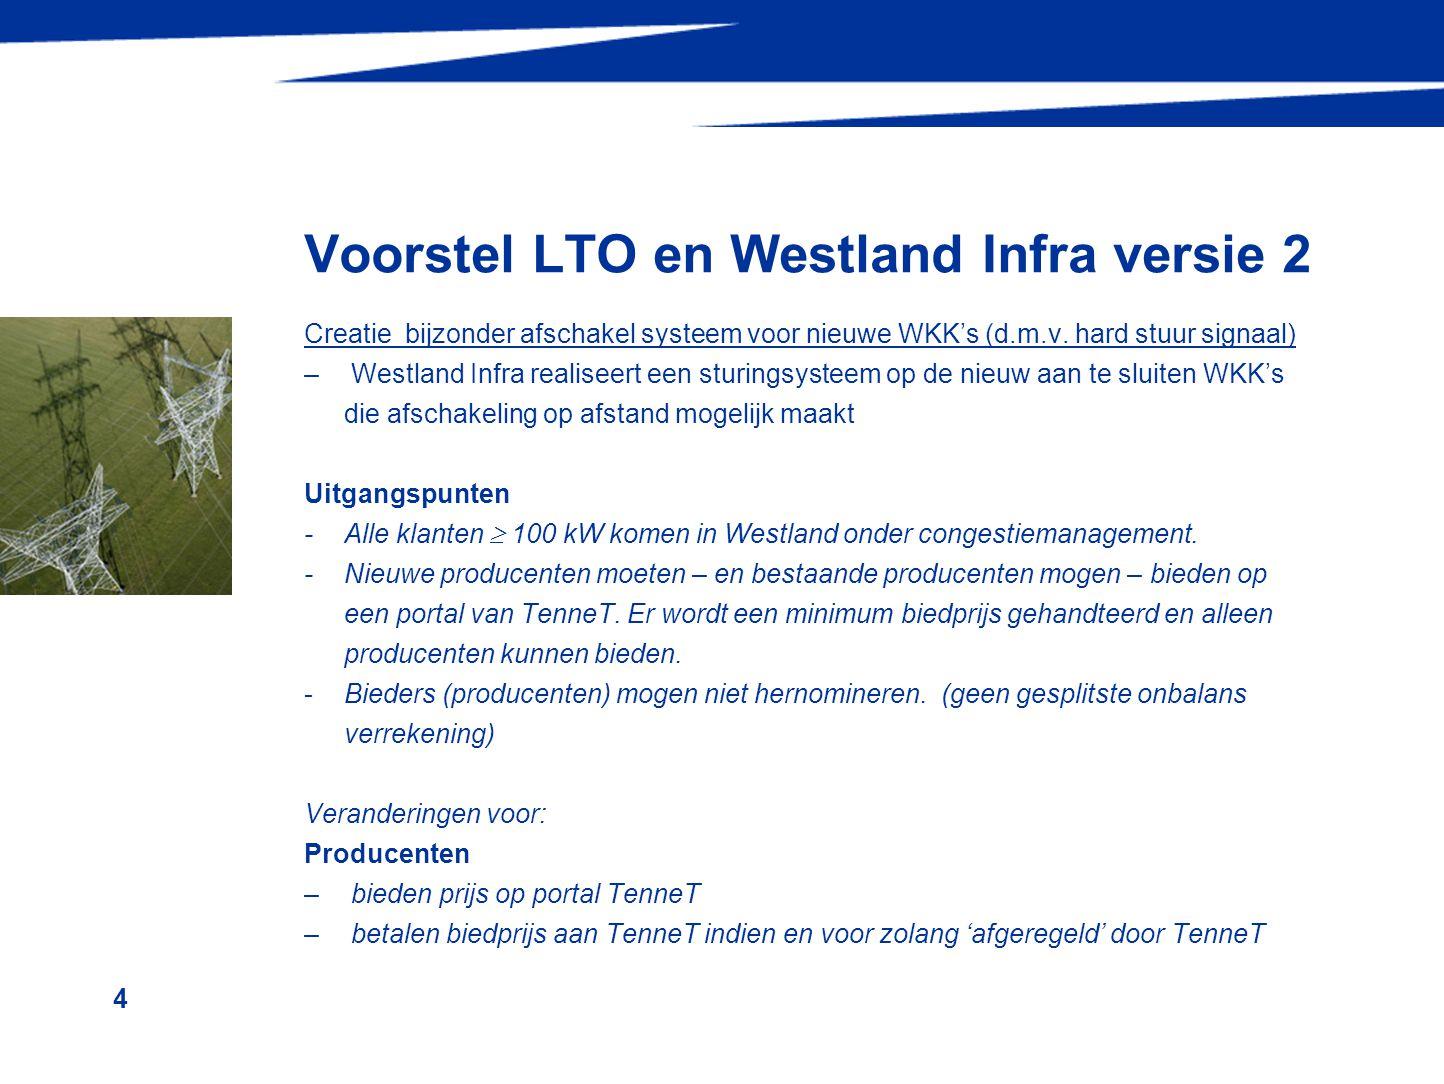 5 Voorstel LTO en Westland Infra versie 2 Veranderingen voor: PV partij -stuurt deel – E-programma congestiegebied naar TenneT (Westland) -laten geen hernomatie toe door bieders (dit in verband met tegengaan gaming) TenneT –ontvangt critirium 1 (maximale belasting N-1) van Westland Infra ontvangt deel –E-programma van PV-partijen in congestiemanagementgebied –ontvangt biedingen (op EAN-code) van producenten –selecteert, bij overschrijding van C1, producenten uit biedingslijst en stuurt bericht 'afregelen' naar geselecteerde producten –verzorgt redispatch, separeert en alloceert congestiemanagementkosten Westland Infra –stelt criterium 1 vast –'verhoogt' de meetwaarden van de afgeregelde producenten voordat deze het proces ingaan (verhoging met afgesproken 'afregelvolume' zodat, als producent toch geproduceerd heeft, sprake is van onbalans).